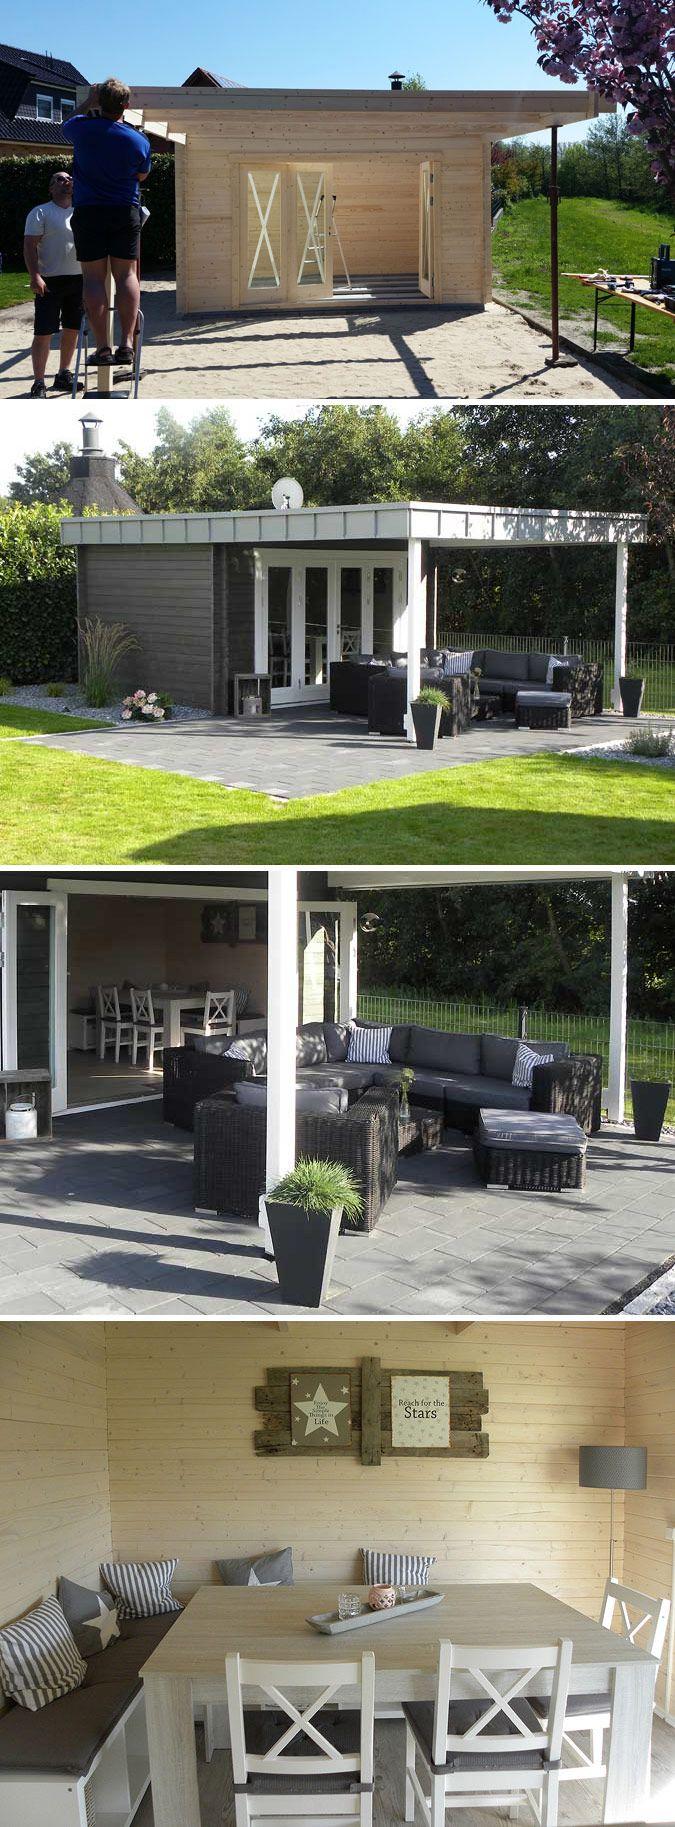 Gartenhaus Partyraum: Ein Gartenhaus als Partyhaus mit ganz besonderem Dach